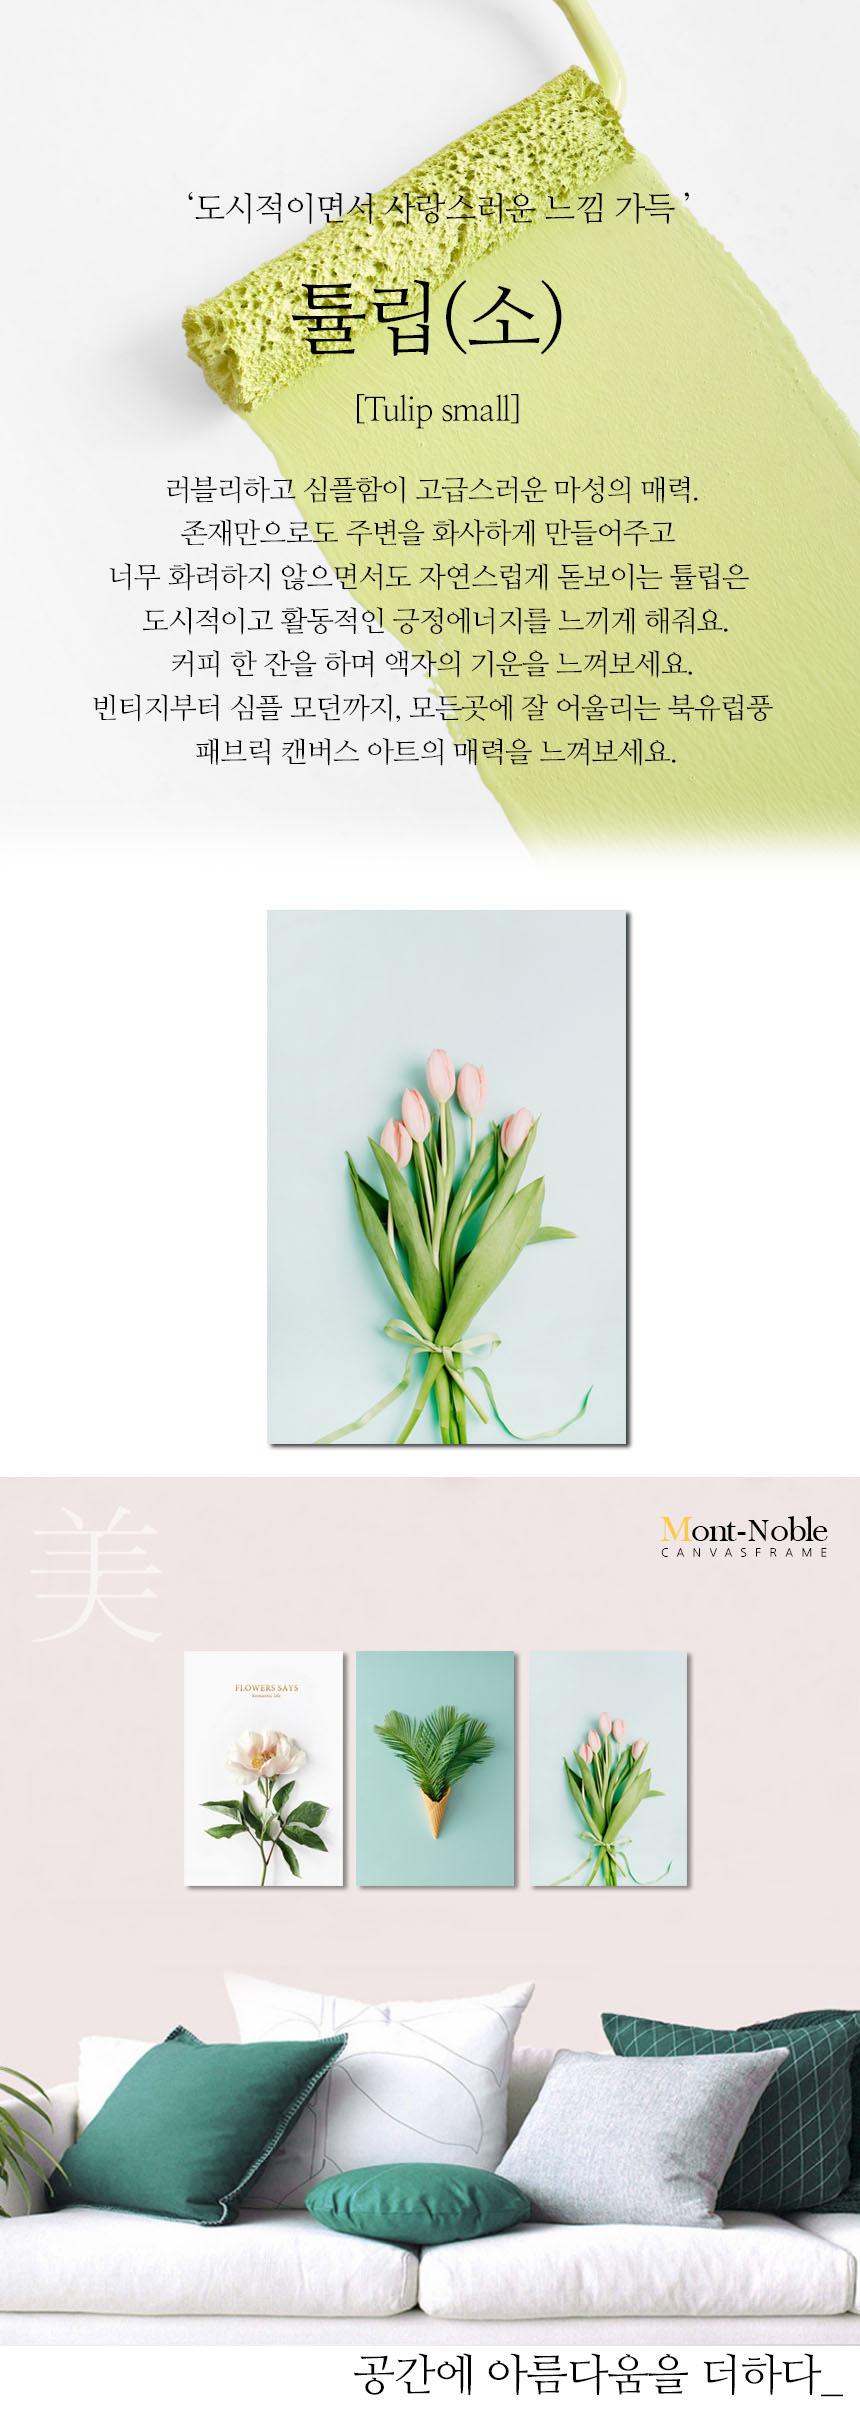 튤립(소) 북유럽 캔버스 그림 인테리어 거실 식물 액자 - 몽트노블, 11,280원, 액자, 벽걸이액자